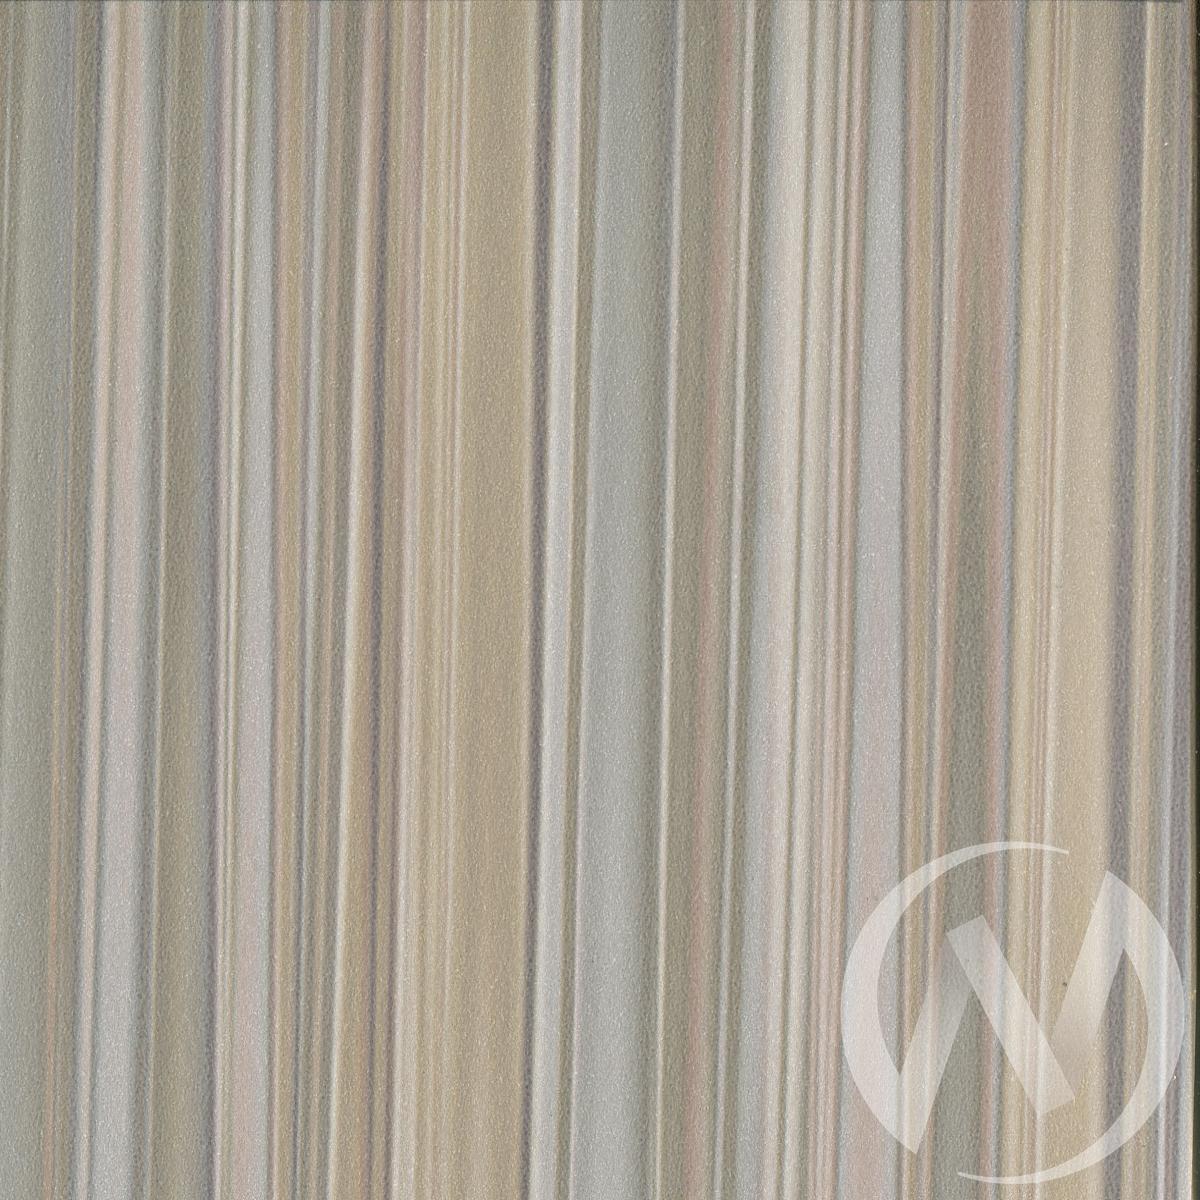 СТ-ПУ 300 L Столешница 300*600*26 (№106г мистик светлый)  в Томске — интернет магазин МИРА-мебель